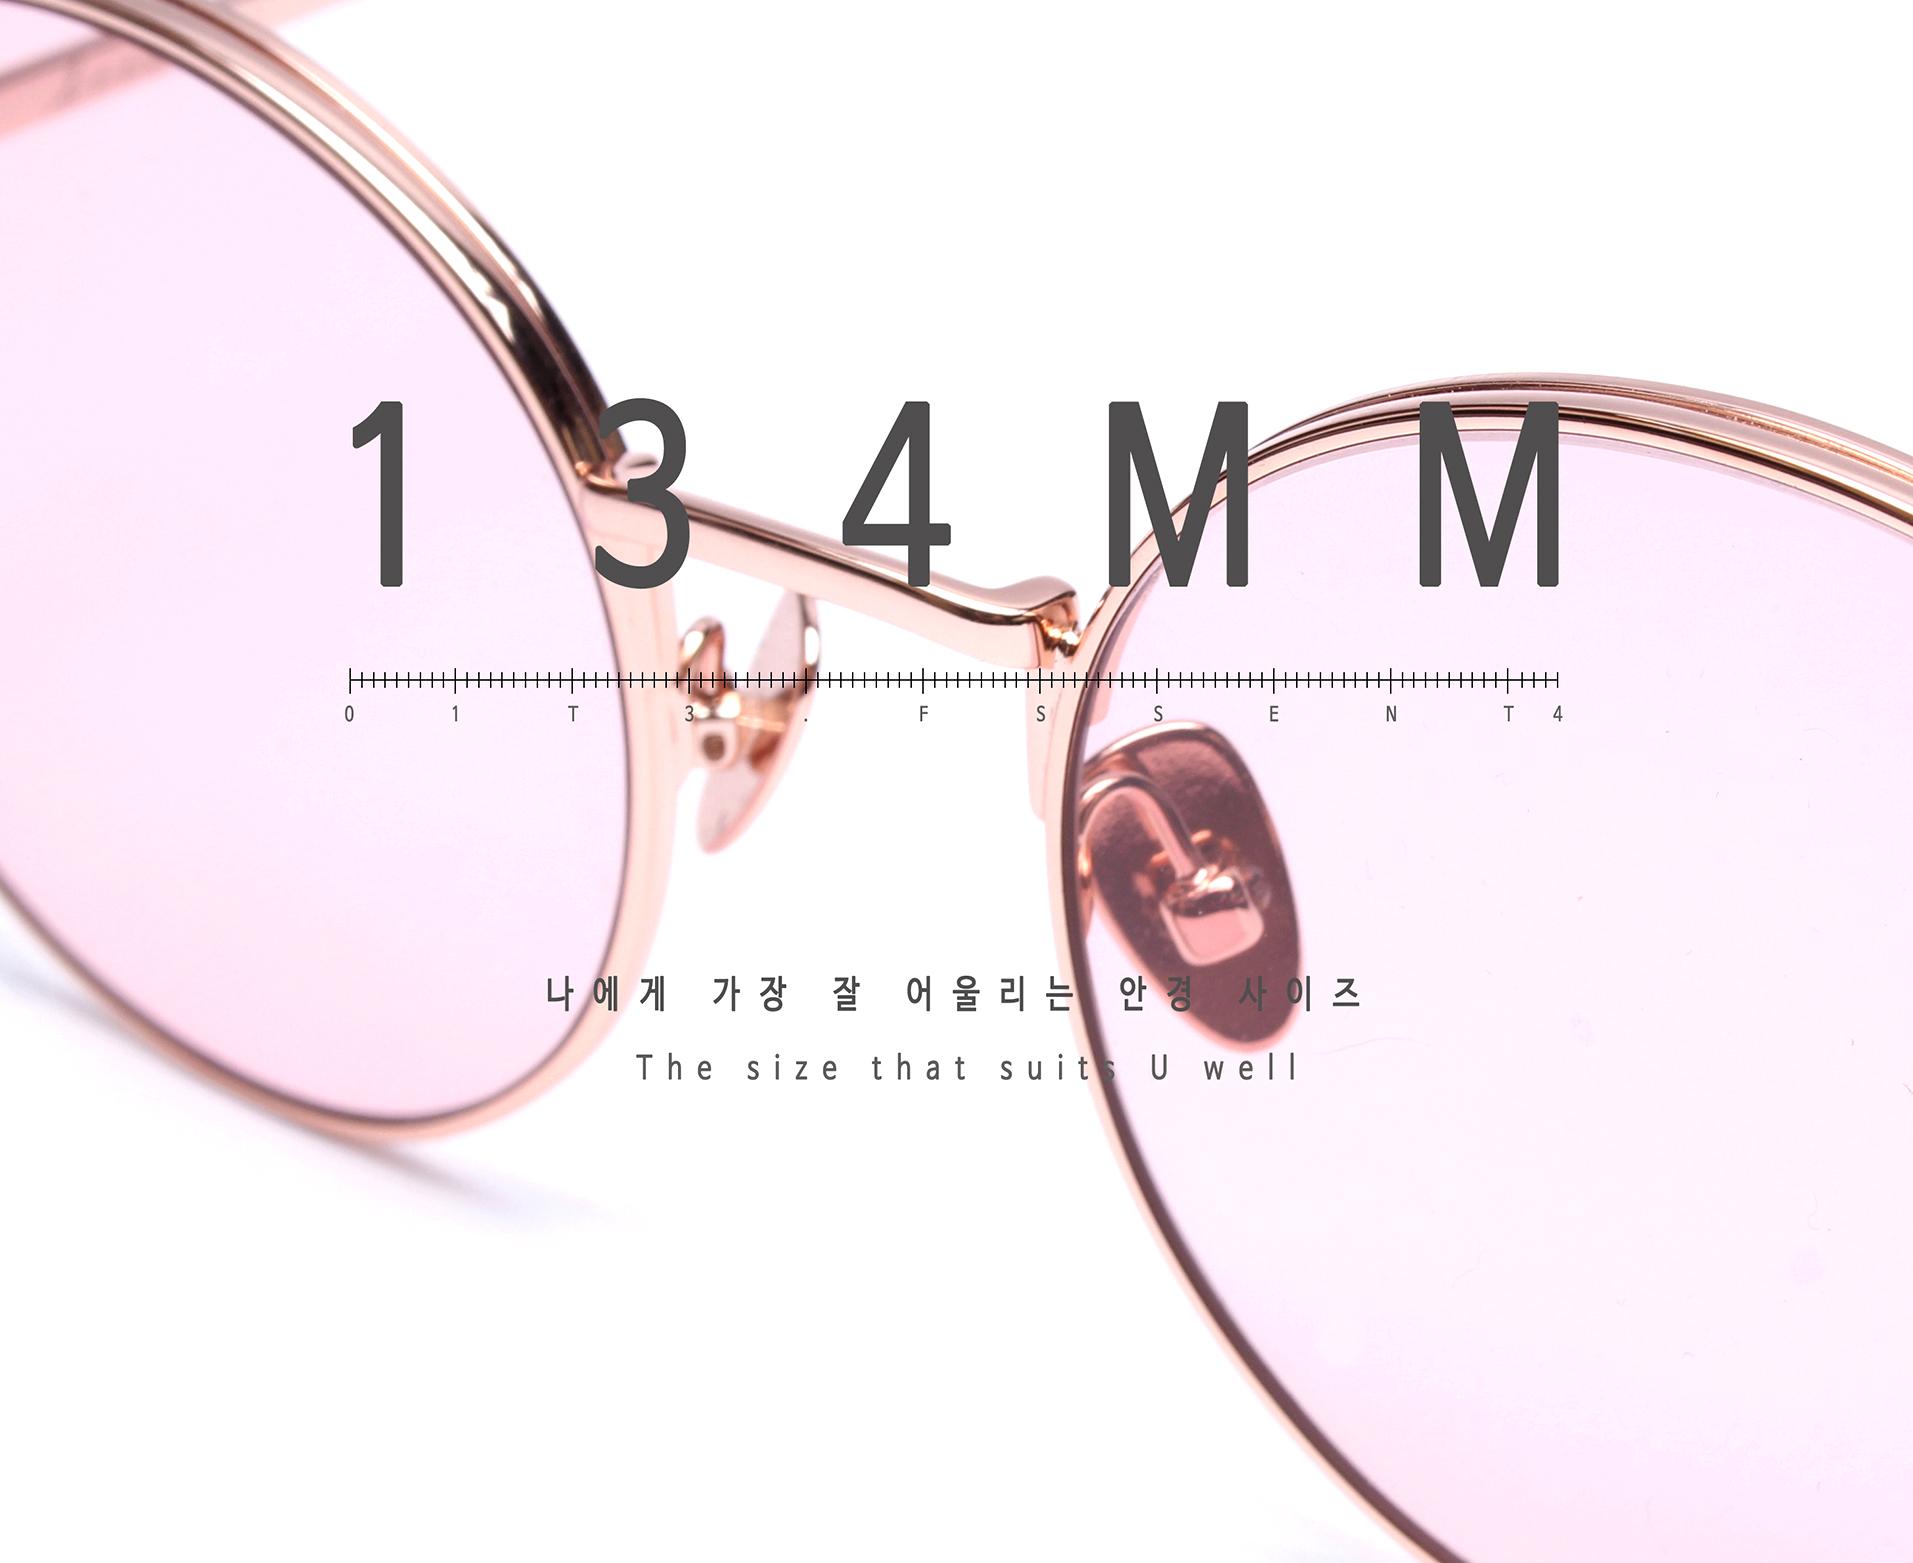 일삼사엠엠(134MM) A000644 핑크틴트 선글라스 티타늄-IP도금